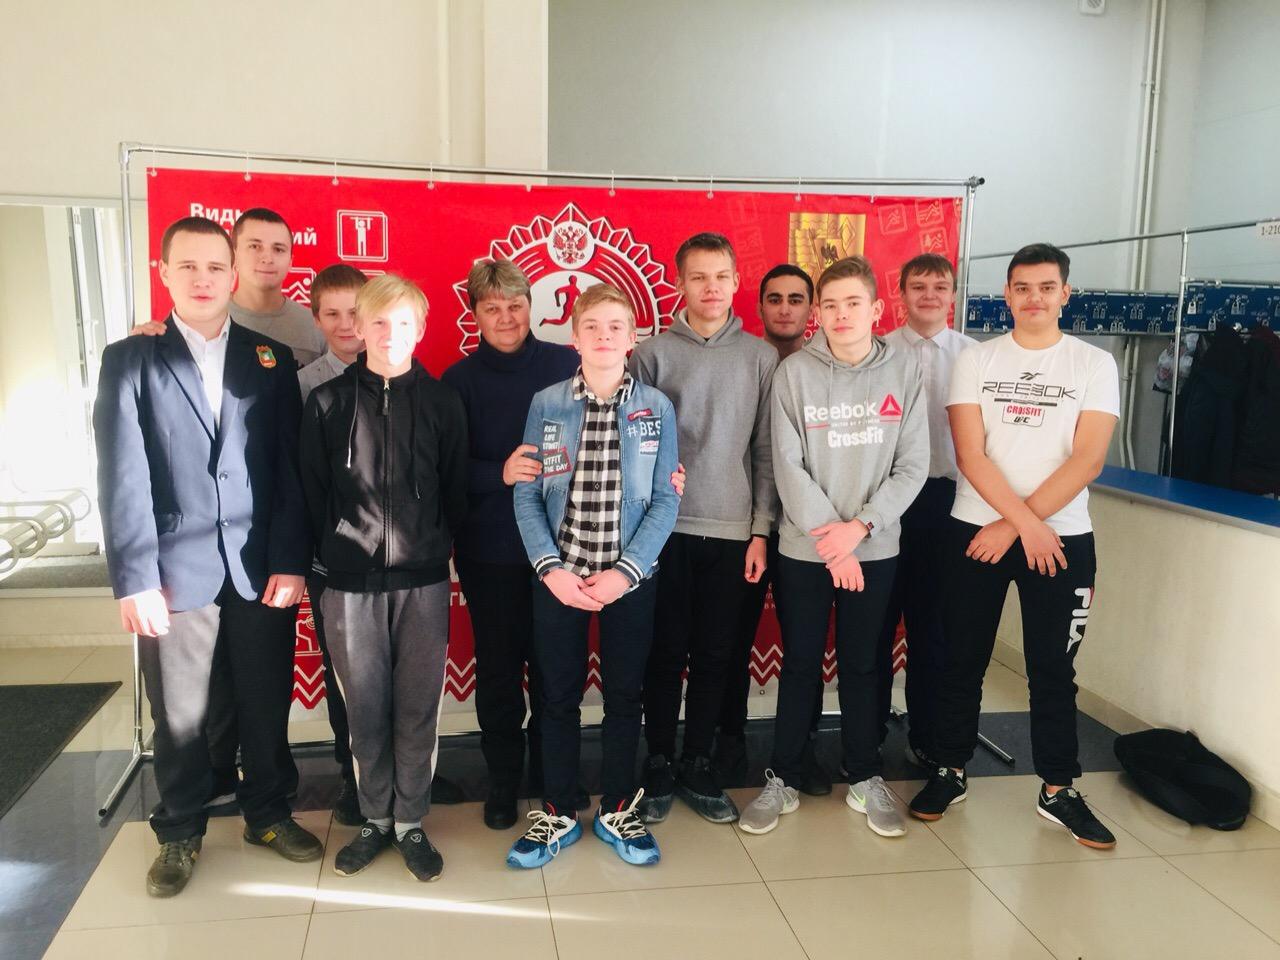 25 ноября 2019 года на базе МУ «СЦ им. А. Гринина» учащиеся 9х классов МБОУ СОШ №6 выполнили нормативы ВФСК ГТО IV и V ступени.